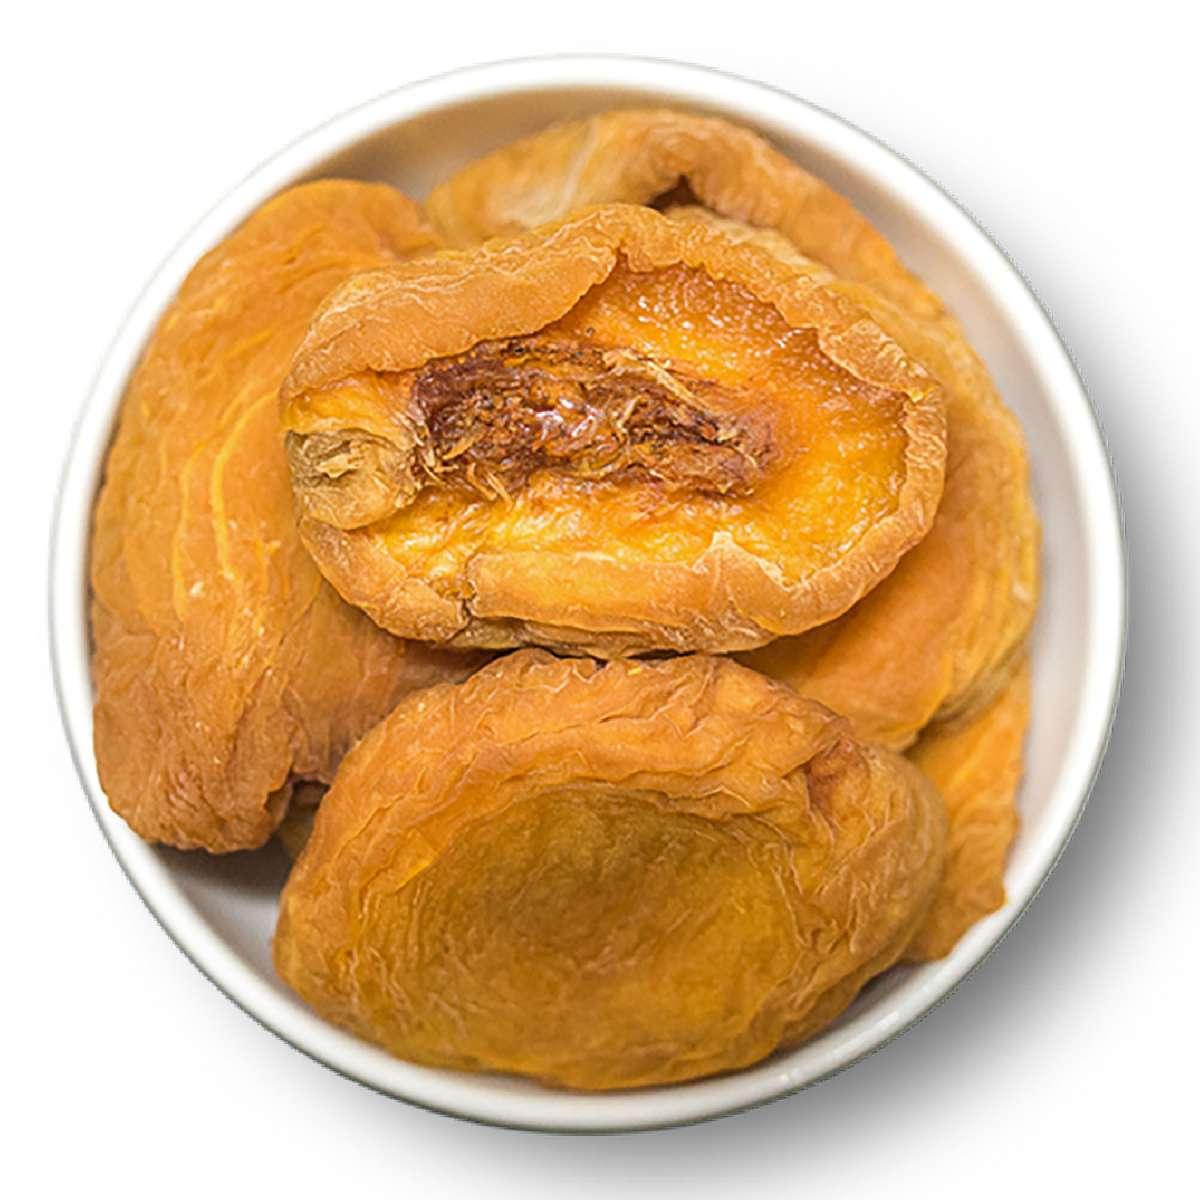 Getrocknete Pfirsiche - leicht geschwefelt | Trockenfrüchte